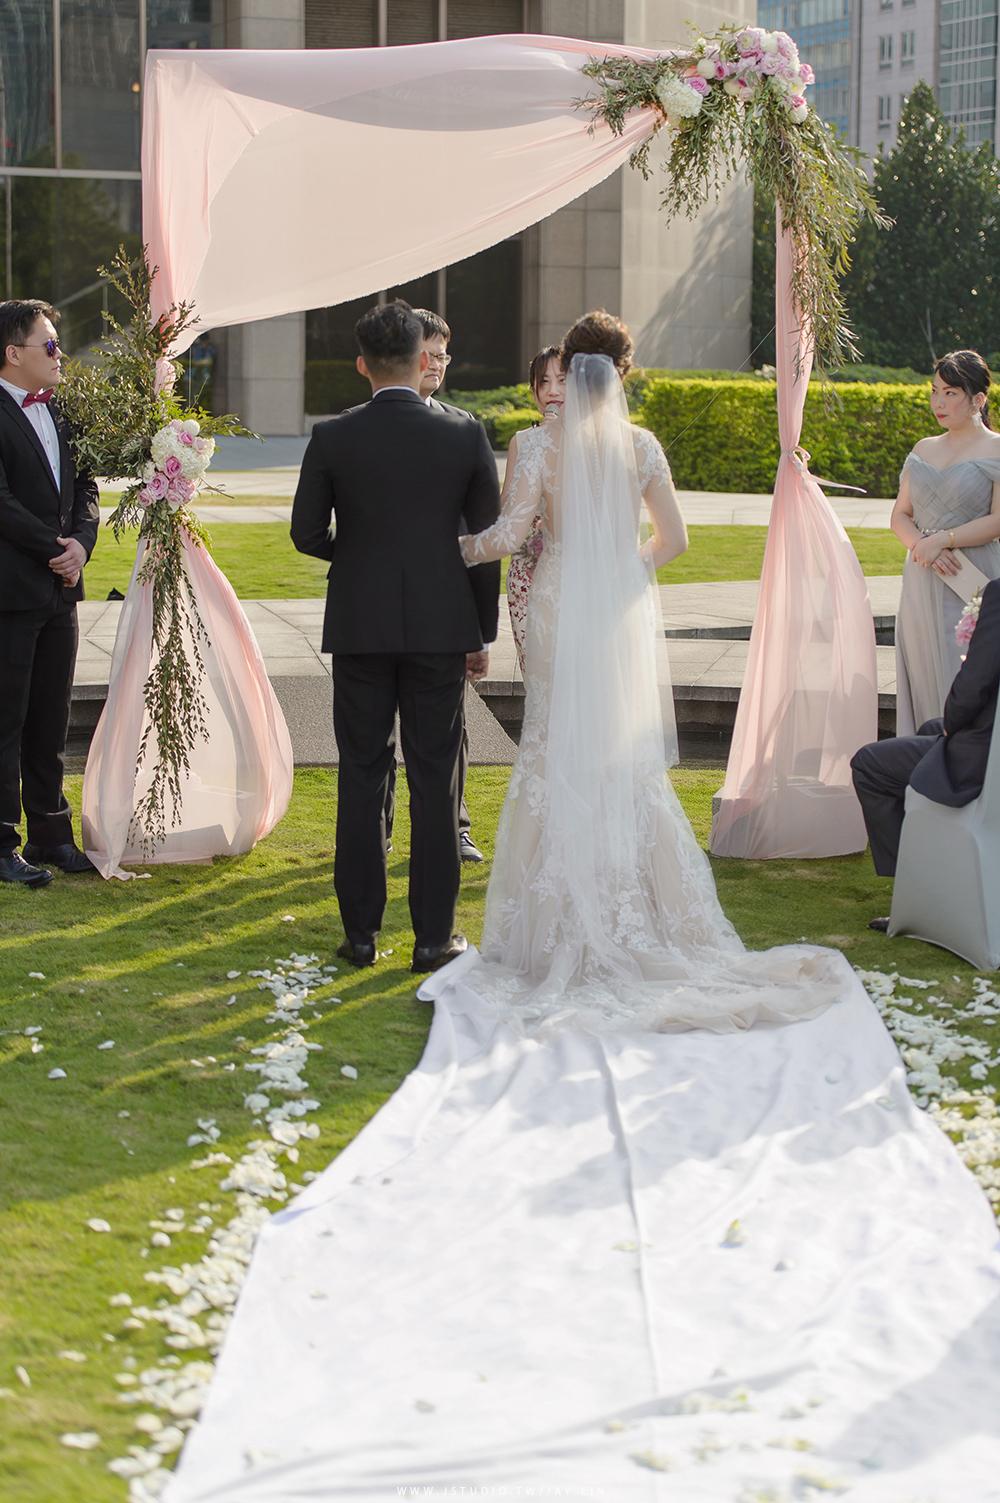 婚攝 台北婚攝 婚禮紀錄 婚攝 推薦婚攝 世貿三三 JSTUDIO_0037